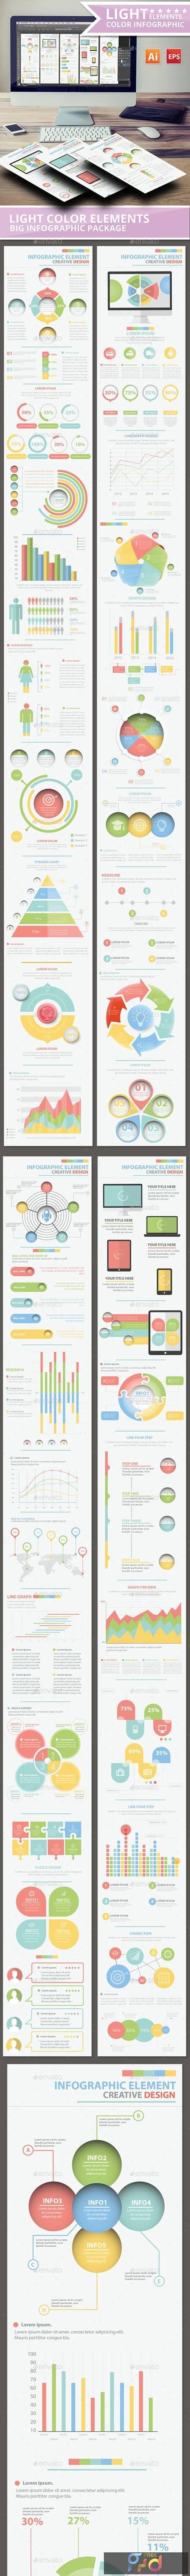 Light Color Info Graphic Elements Design 13111754 1